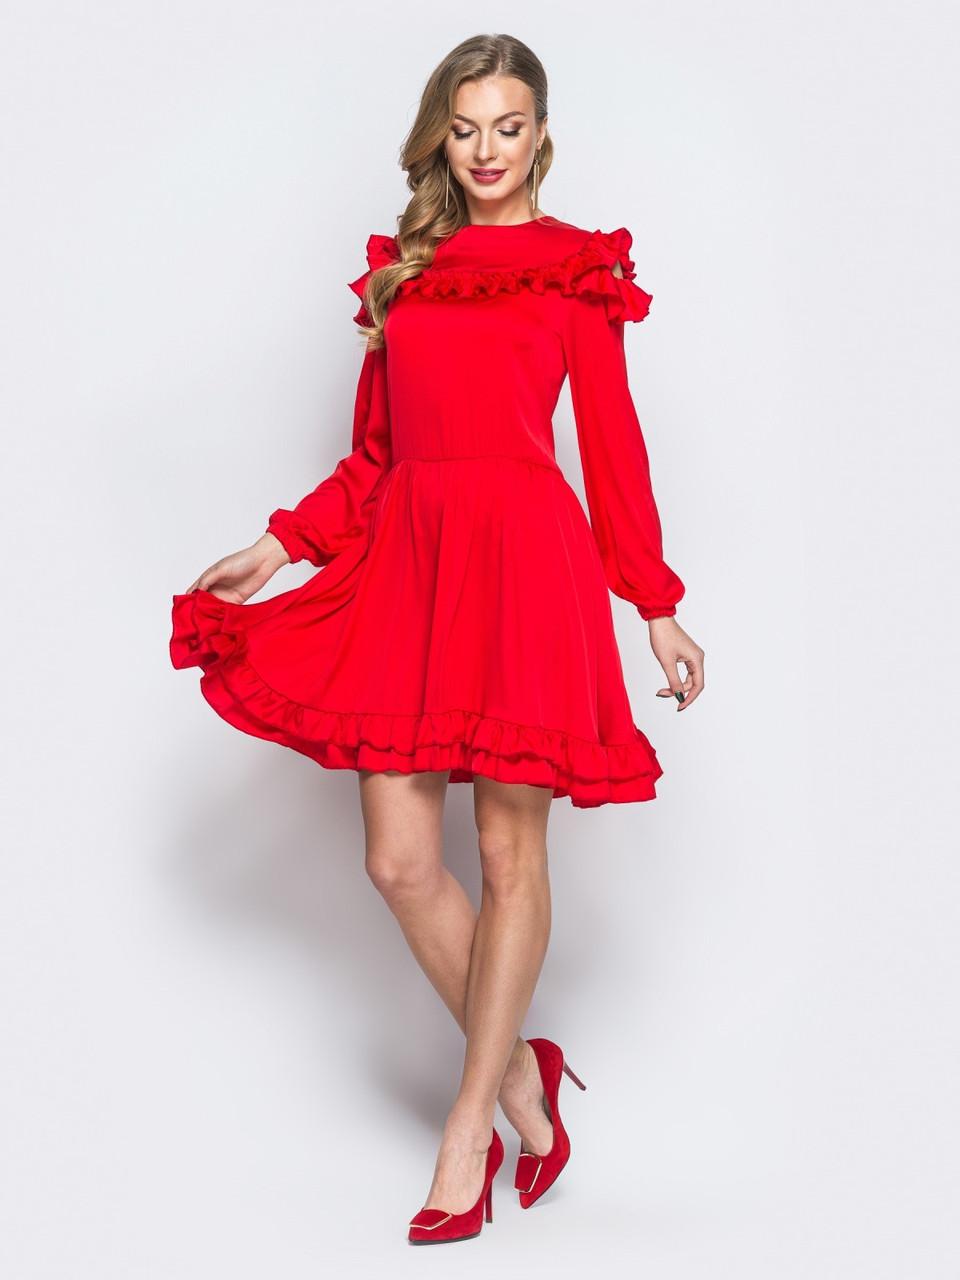 Платье женское, цена 735 грн., купить Жмеринка — Prom.ua (ID 816818973) 169176e1437